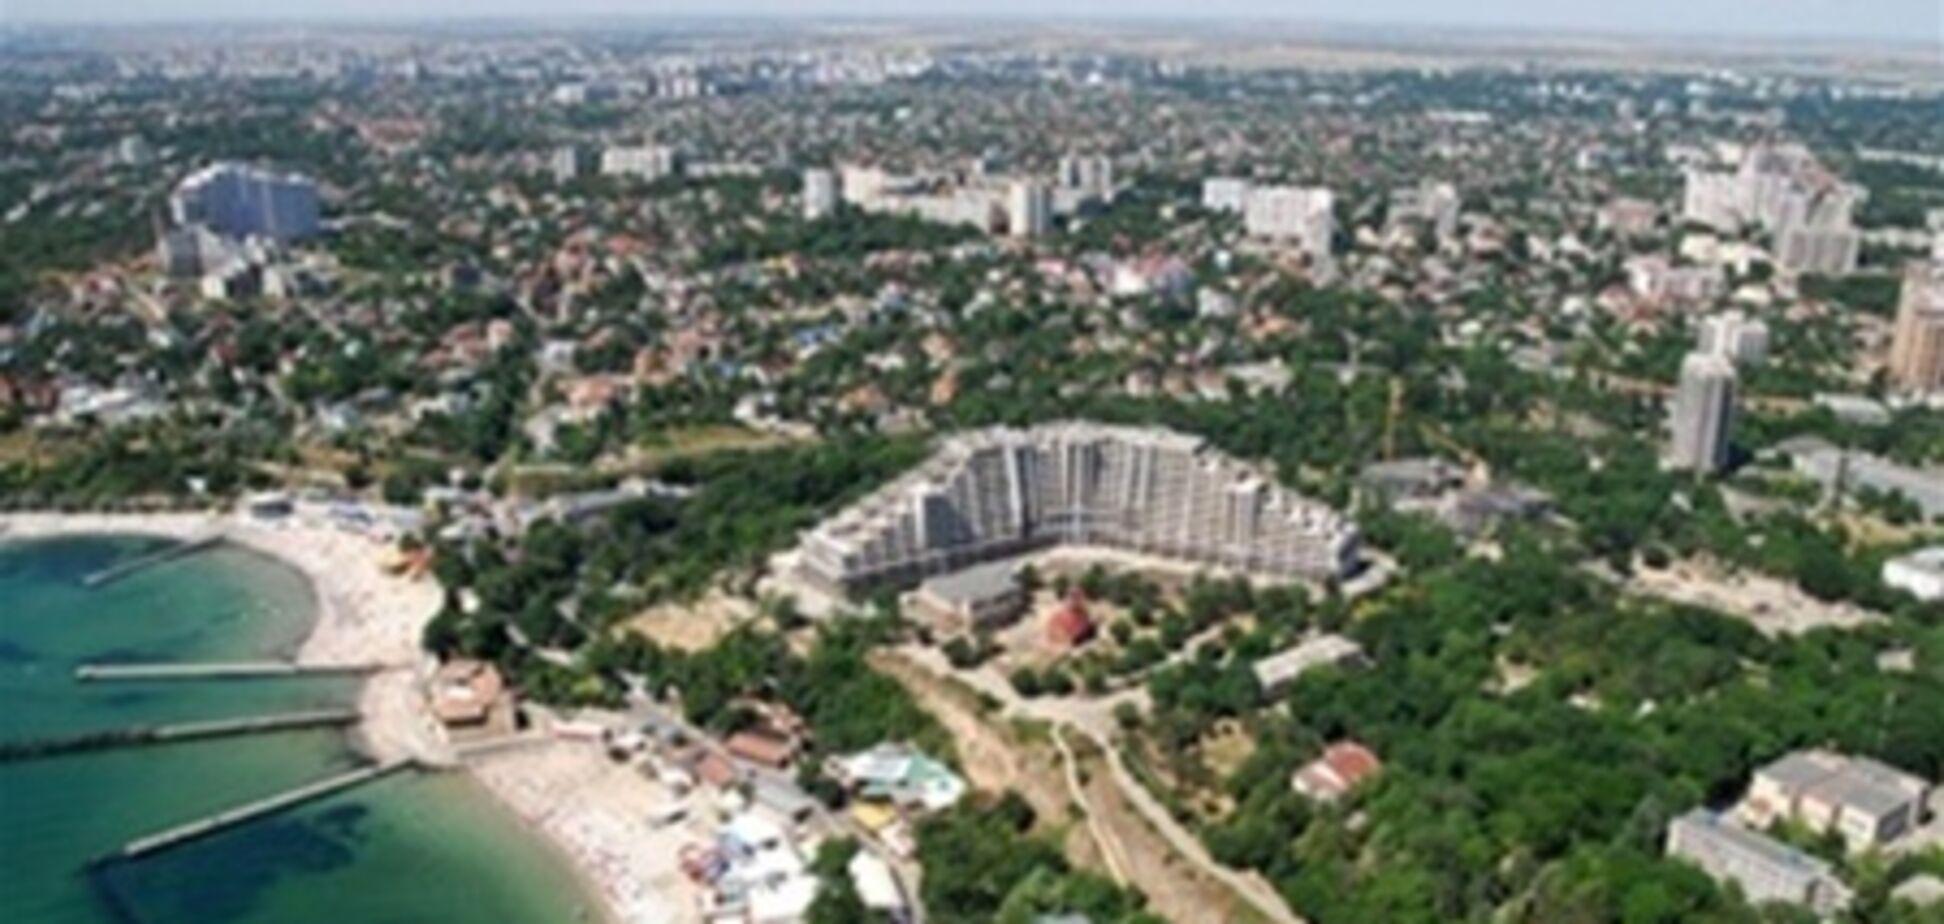 Мэра Одессы оштрафовали на 340 грн из-за племянника Кучмы